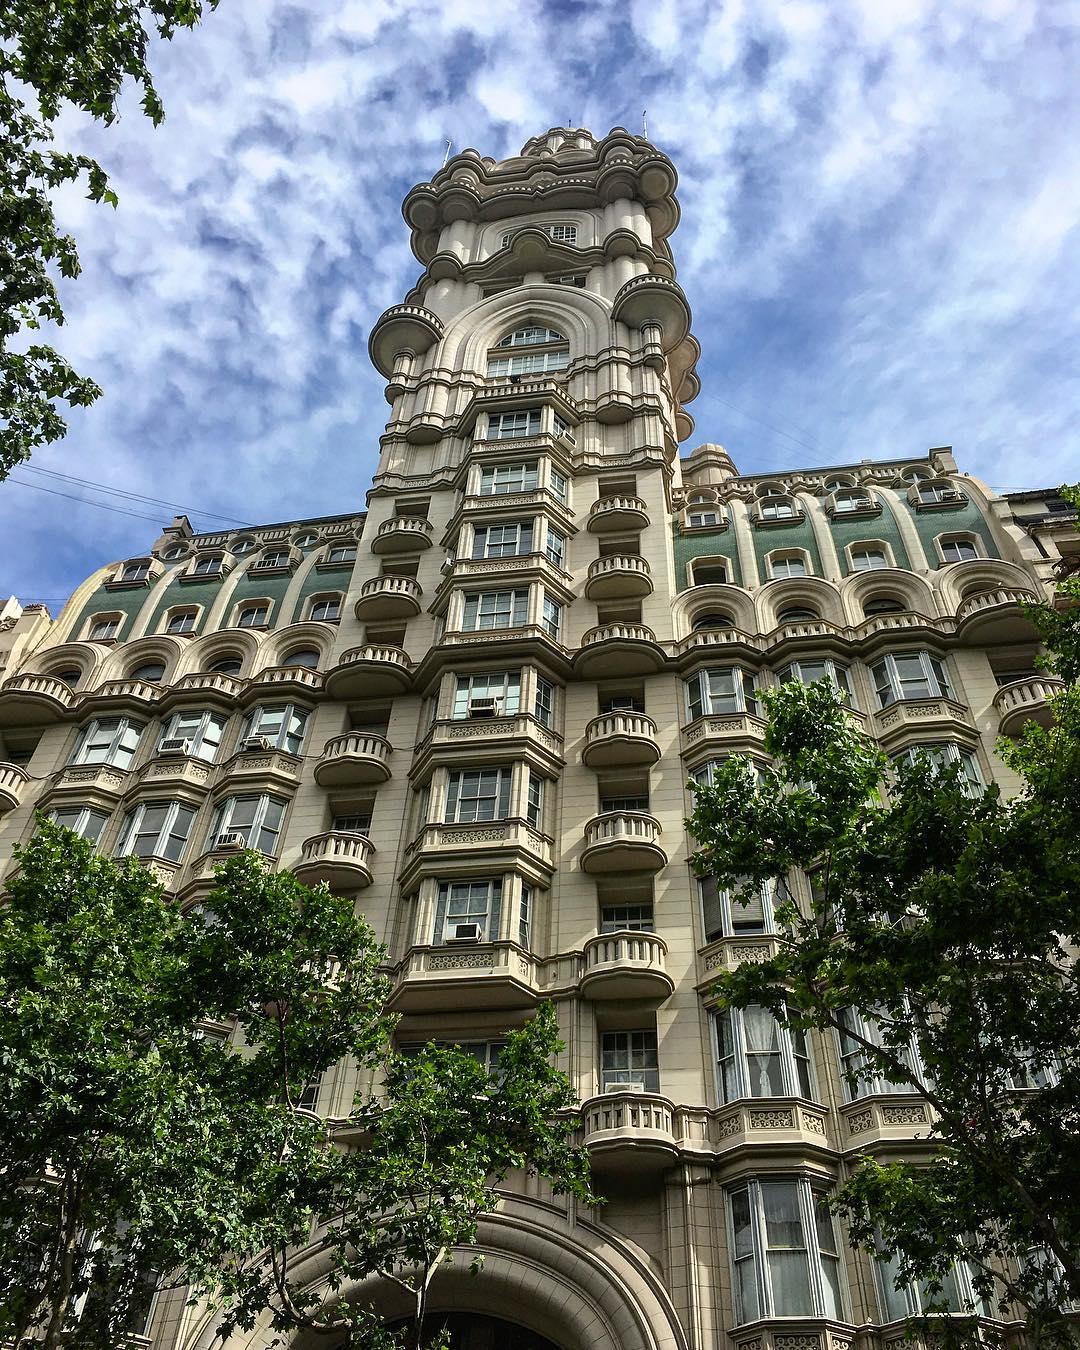 Buenos Aires, Argentine. Le Palacio Barolo, le premier gratte-ciel d'Amérique du Sud, avec ses cent mètres de hauteur, achevé en 1923.